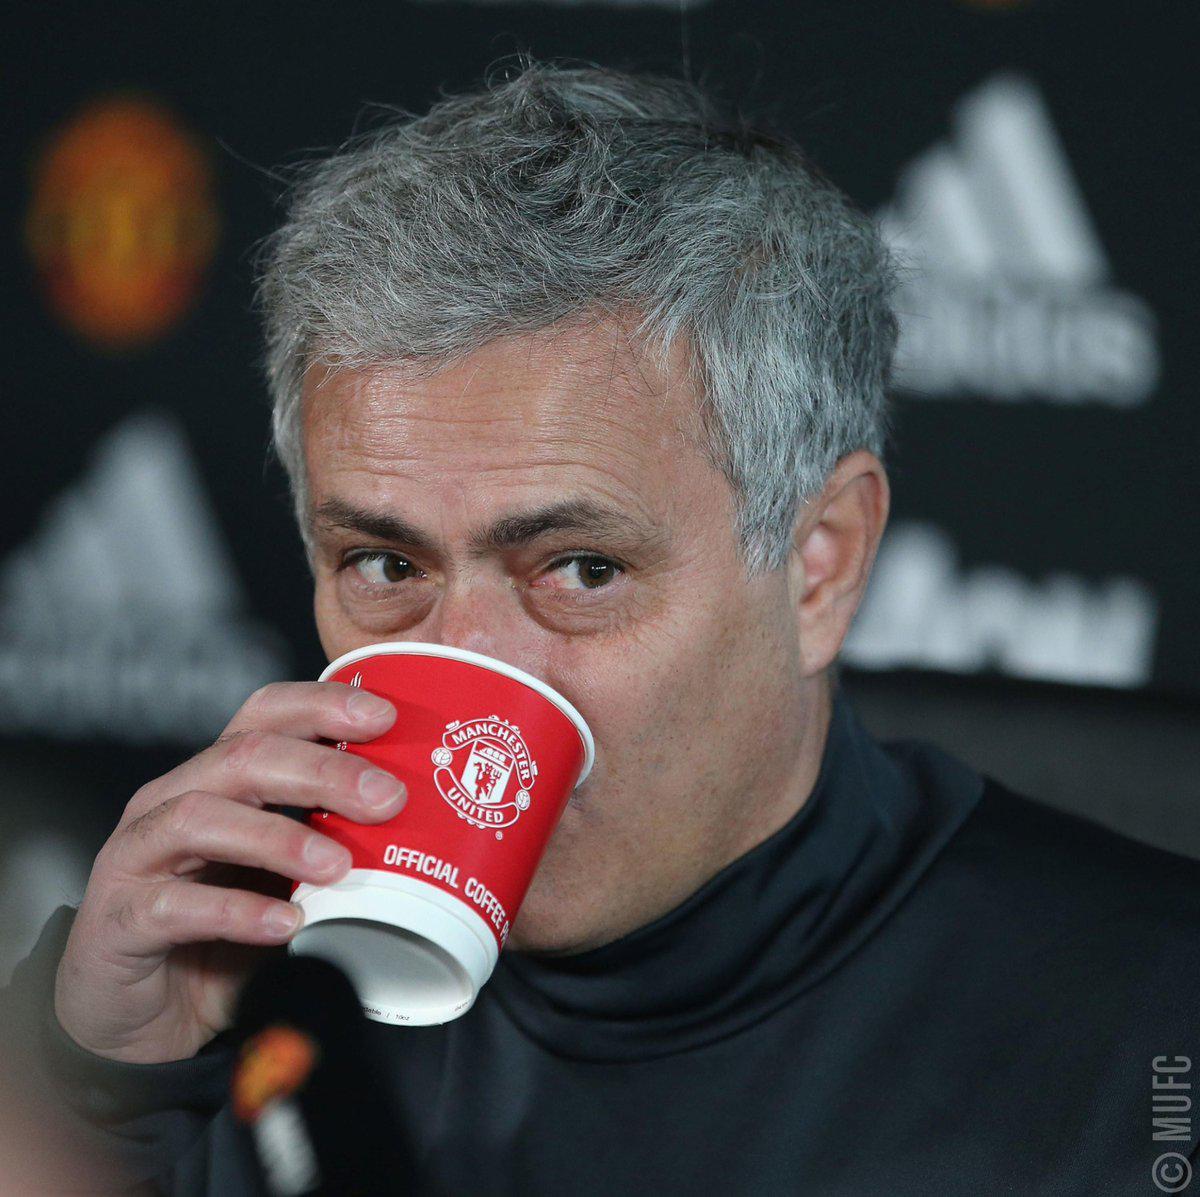 穆帅:你们说第3第4第5都比曼联强 但曼联是第2!